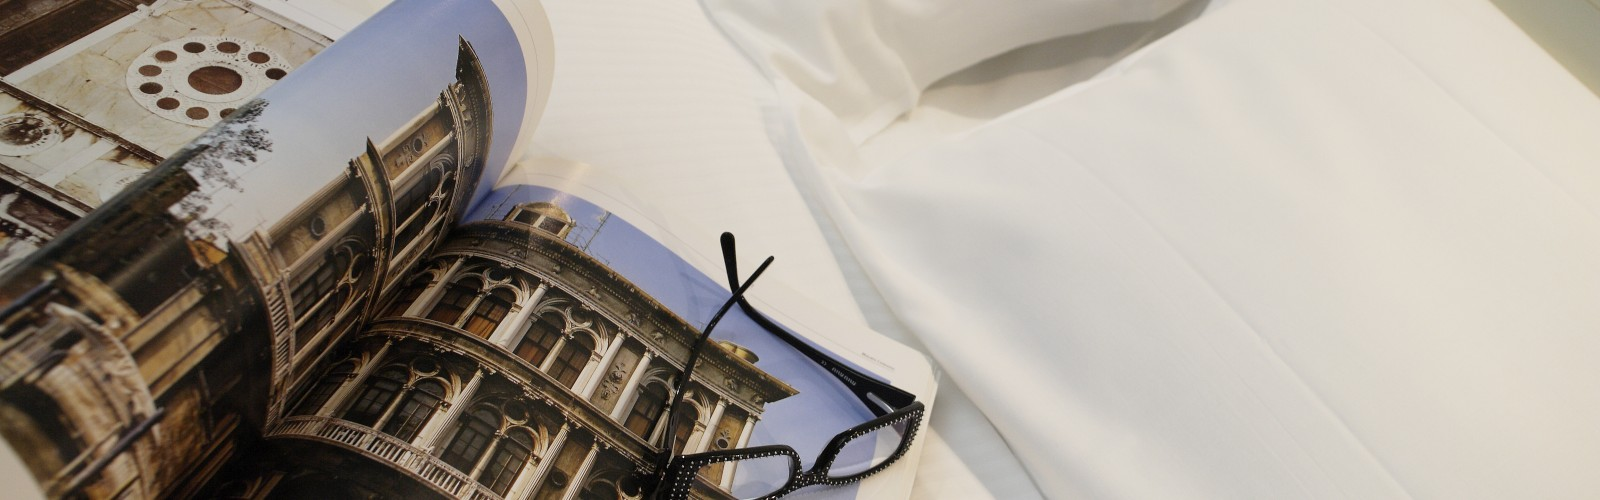 Offerte speciali hotel vicino outlet noventa di piave - venezia